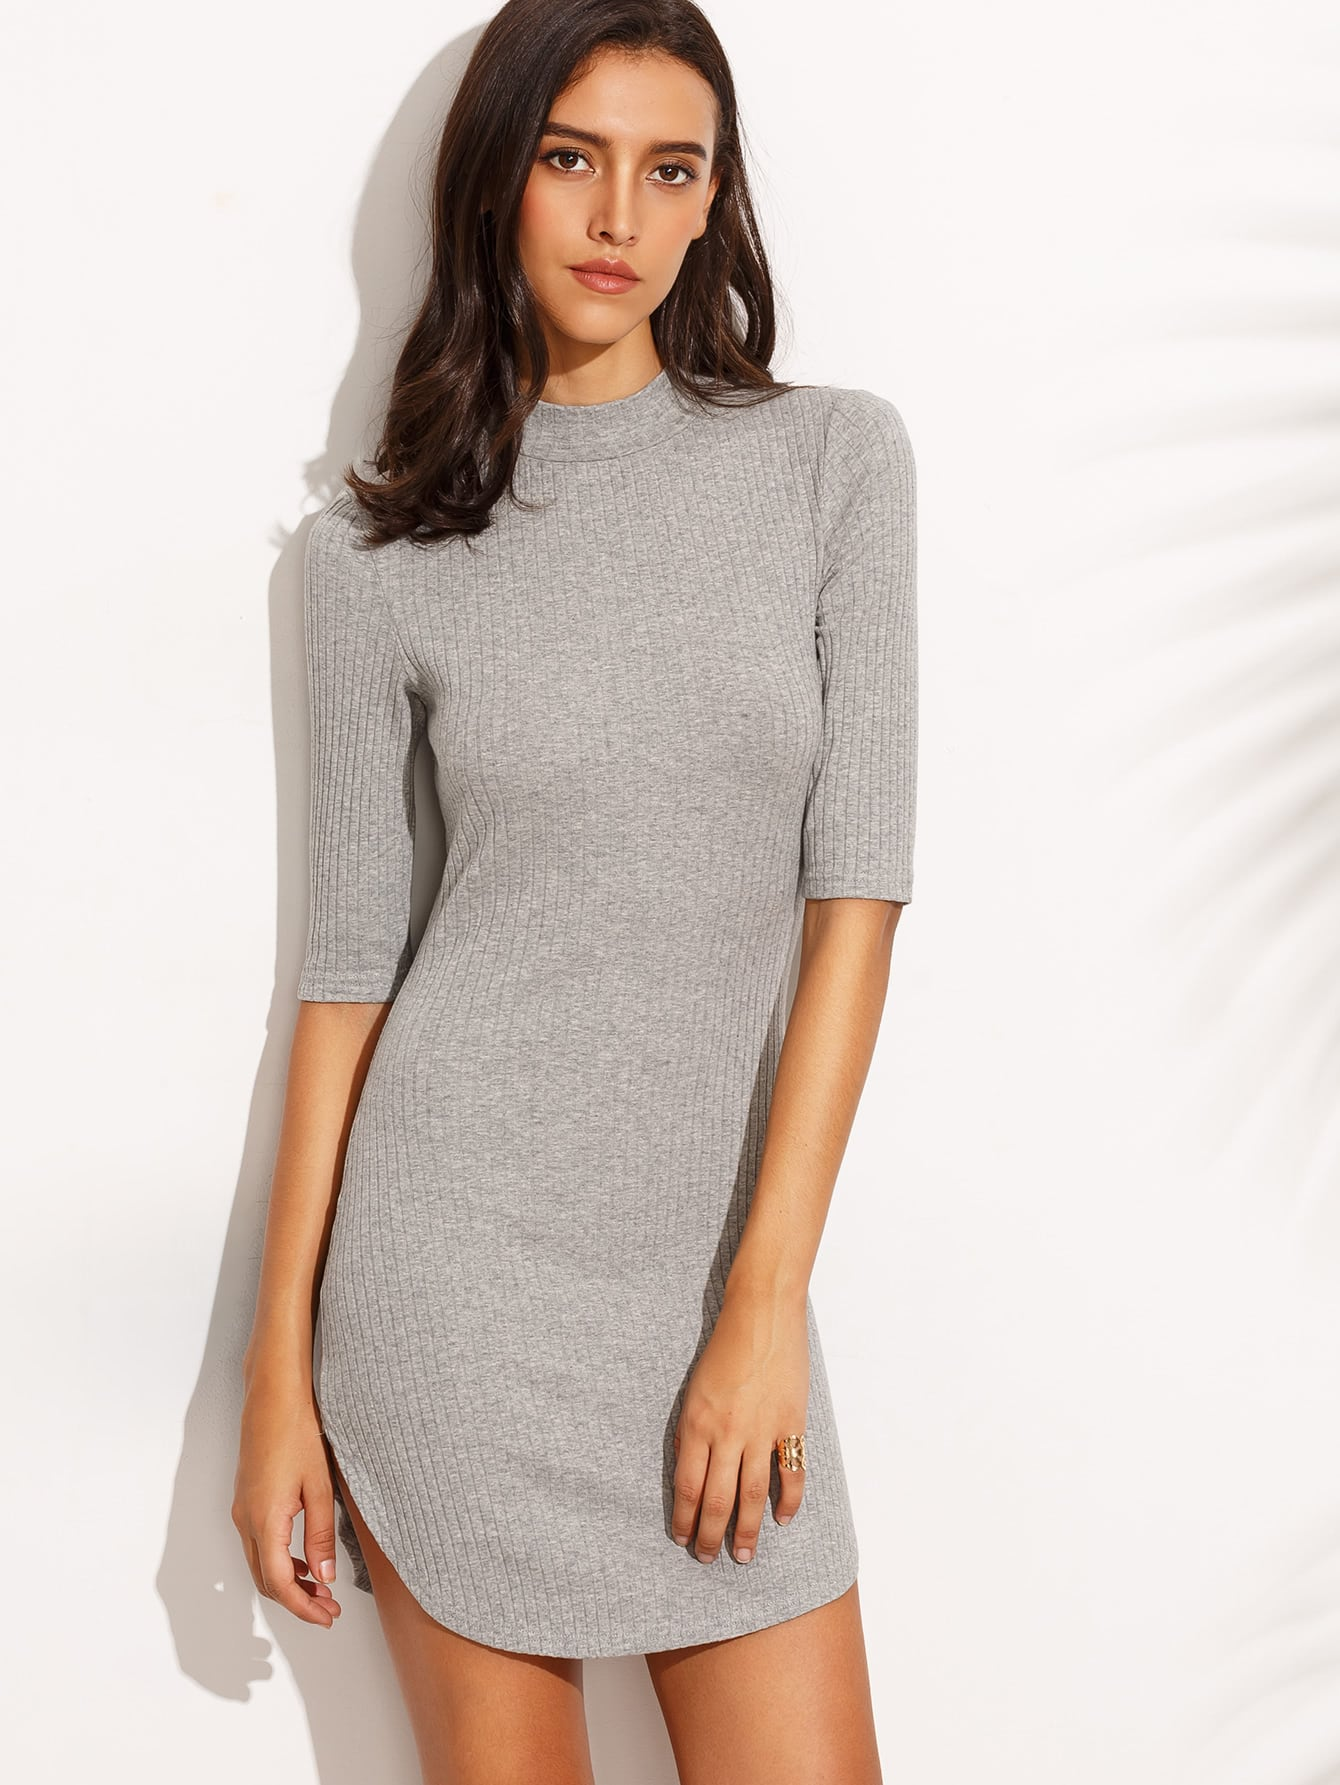 dress160805720_4